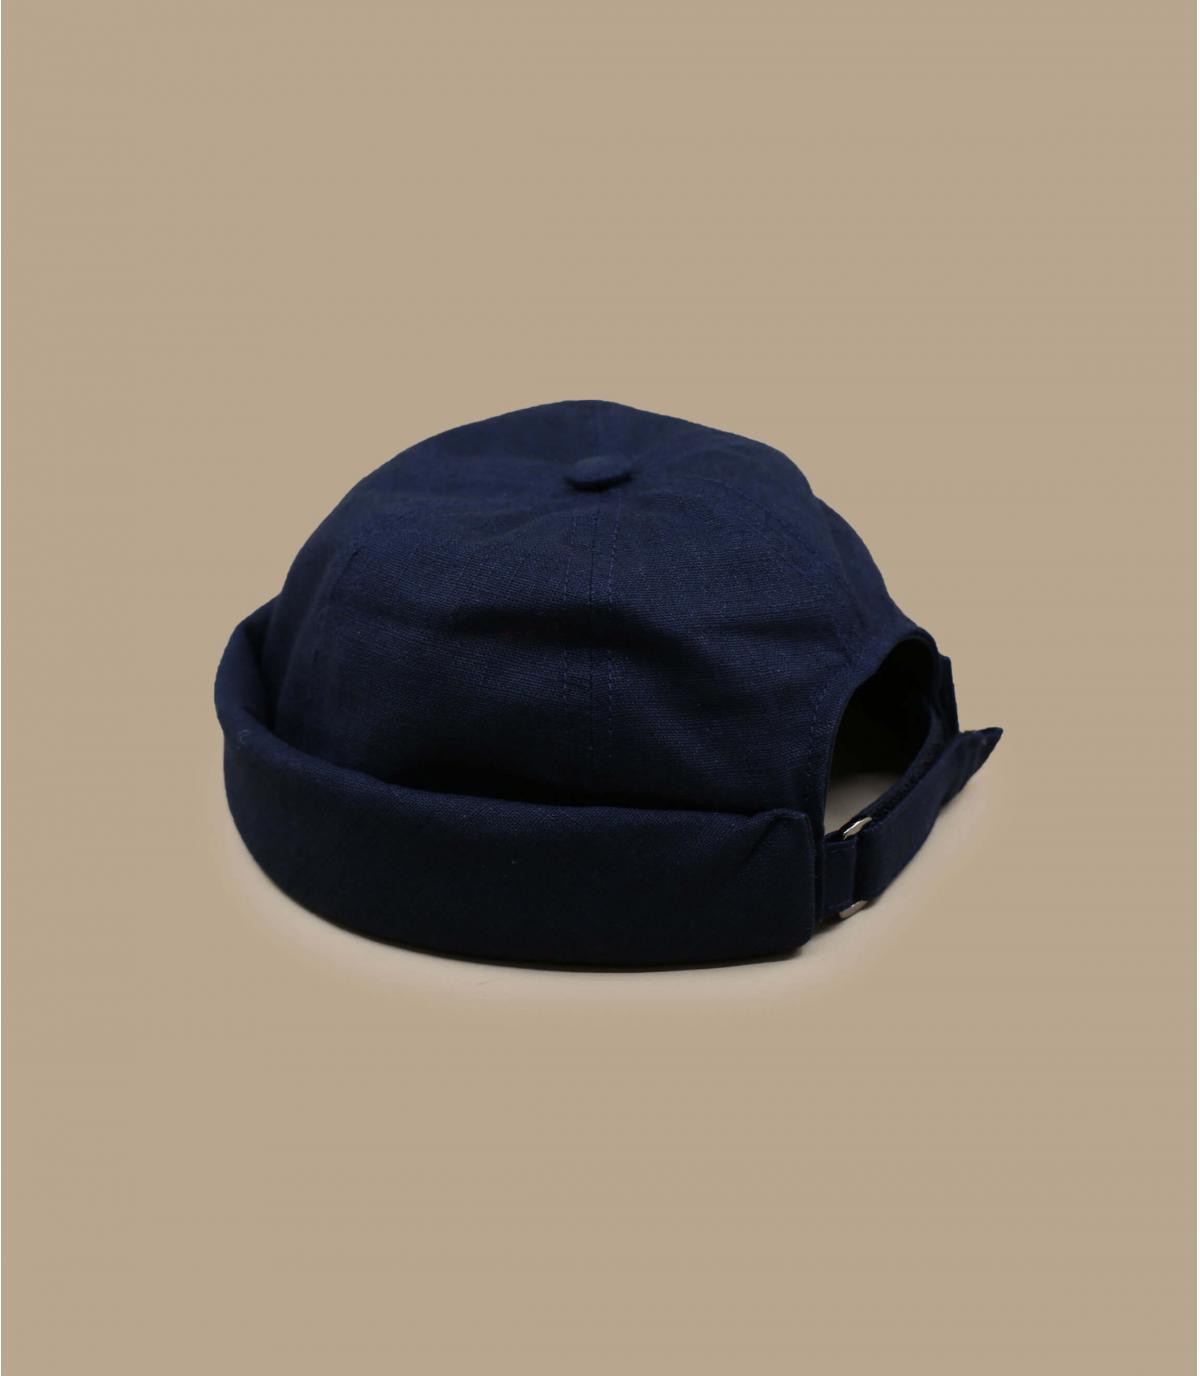 Détails Cooper Linen navy - image 2